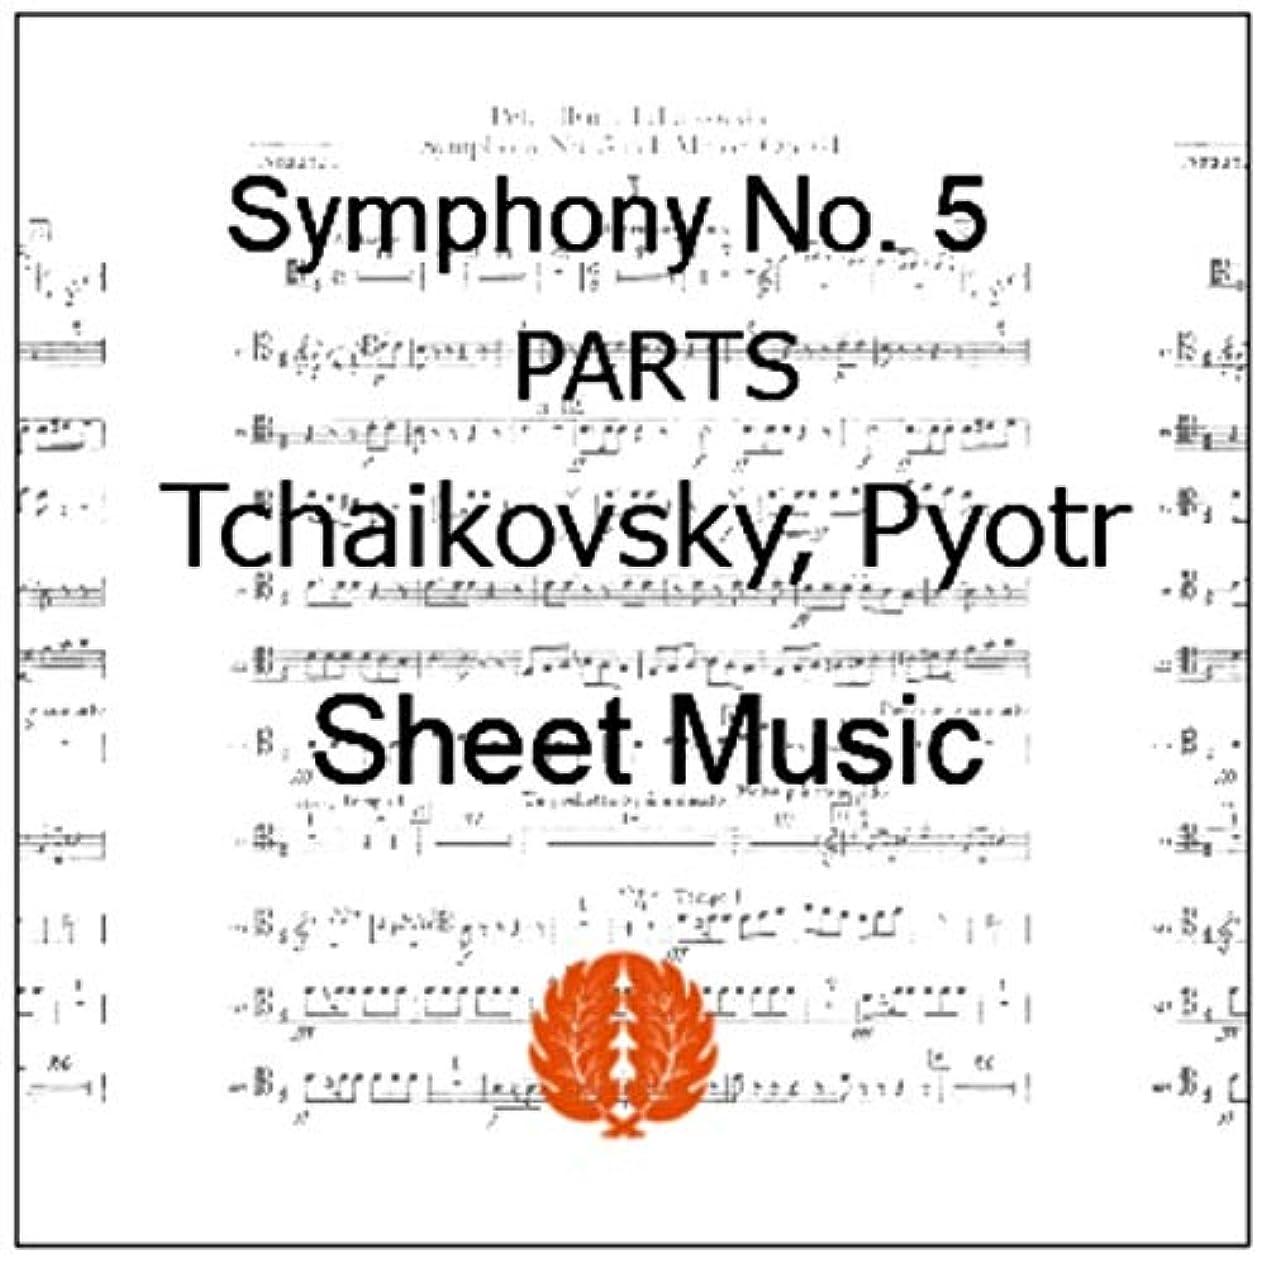 暴動アルカイック視線楽譜 pdf チャイコフスキー 交響曲第5番 全楽章 オーケストラ用全パート譜セット